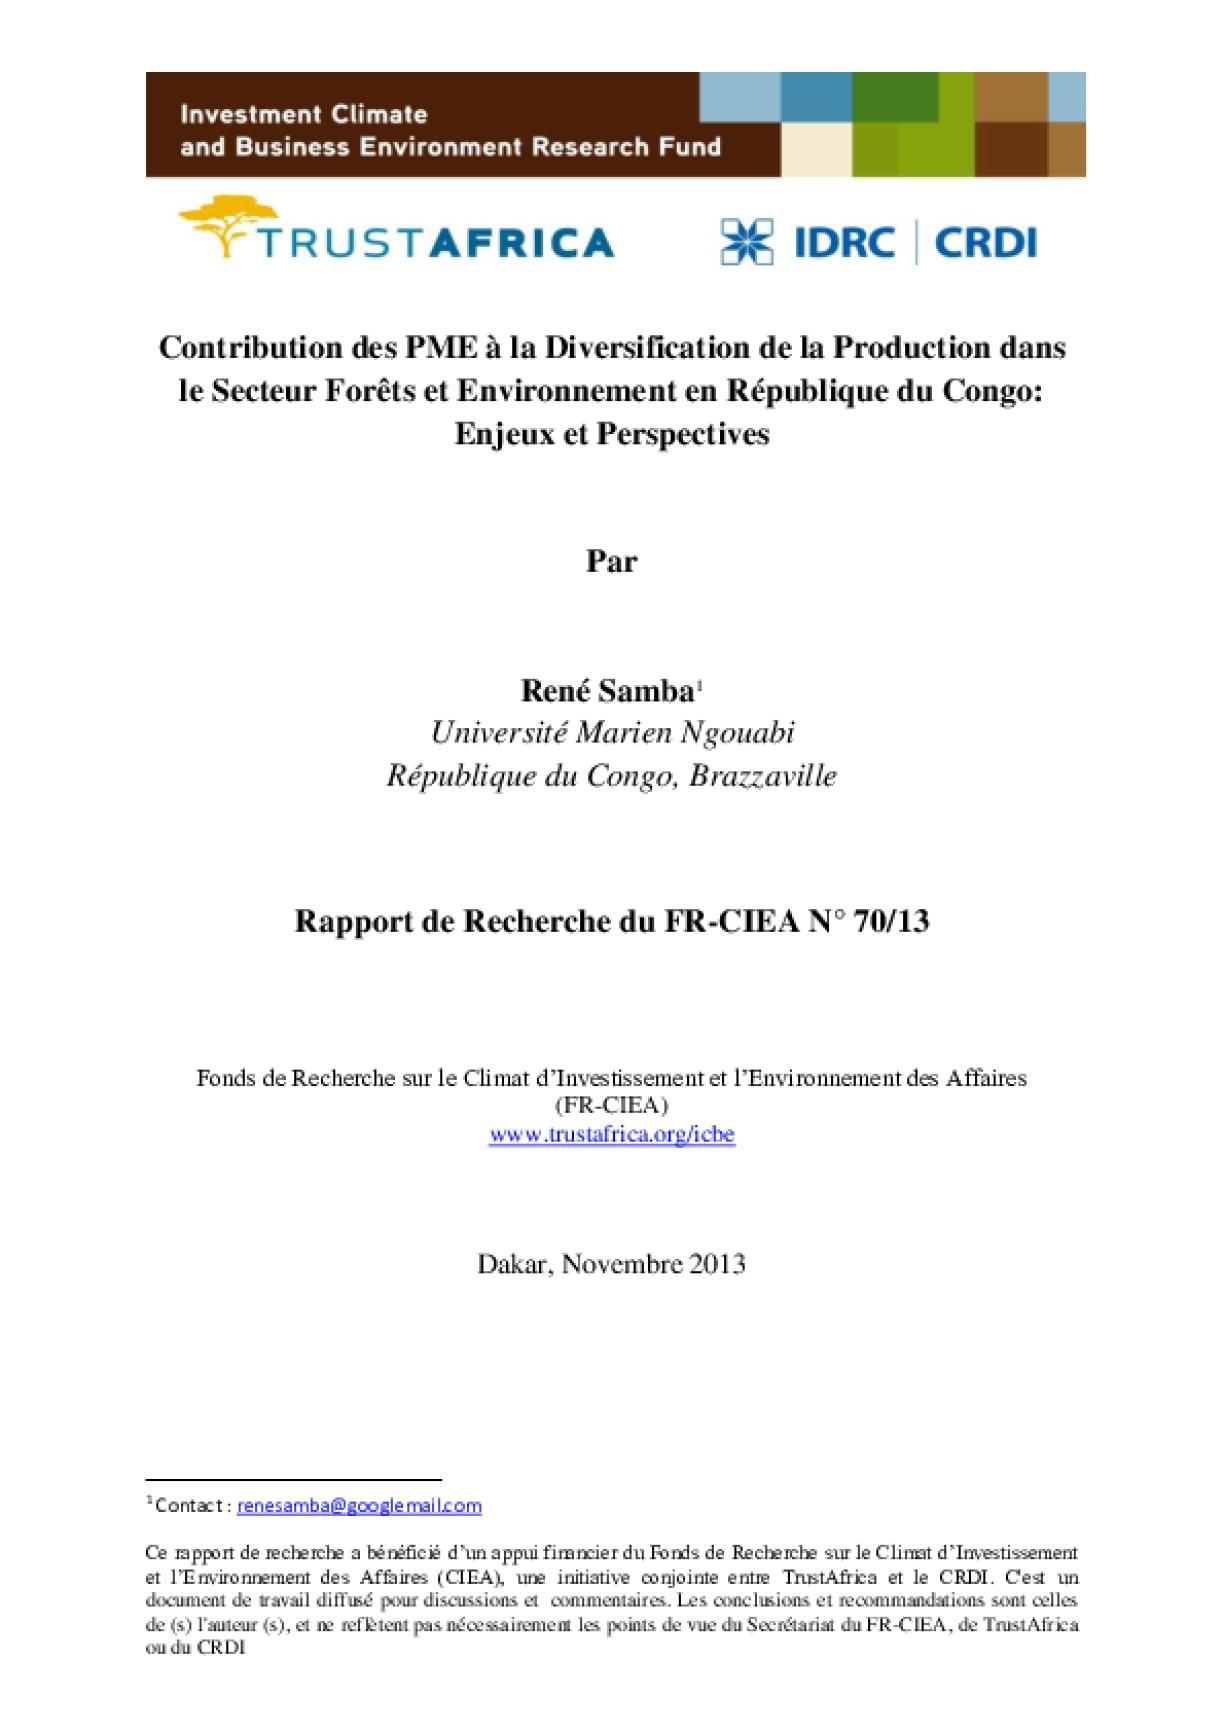 Contribution des PME à la Diversification de la Production dans le Secteur Forêts et Environnement en République du Congo: Enjeux et Perspectives